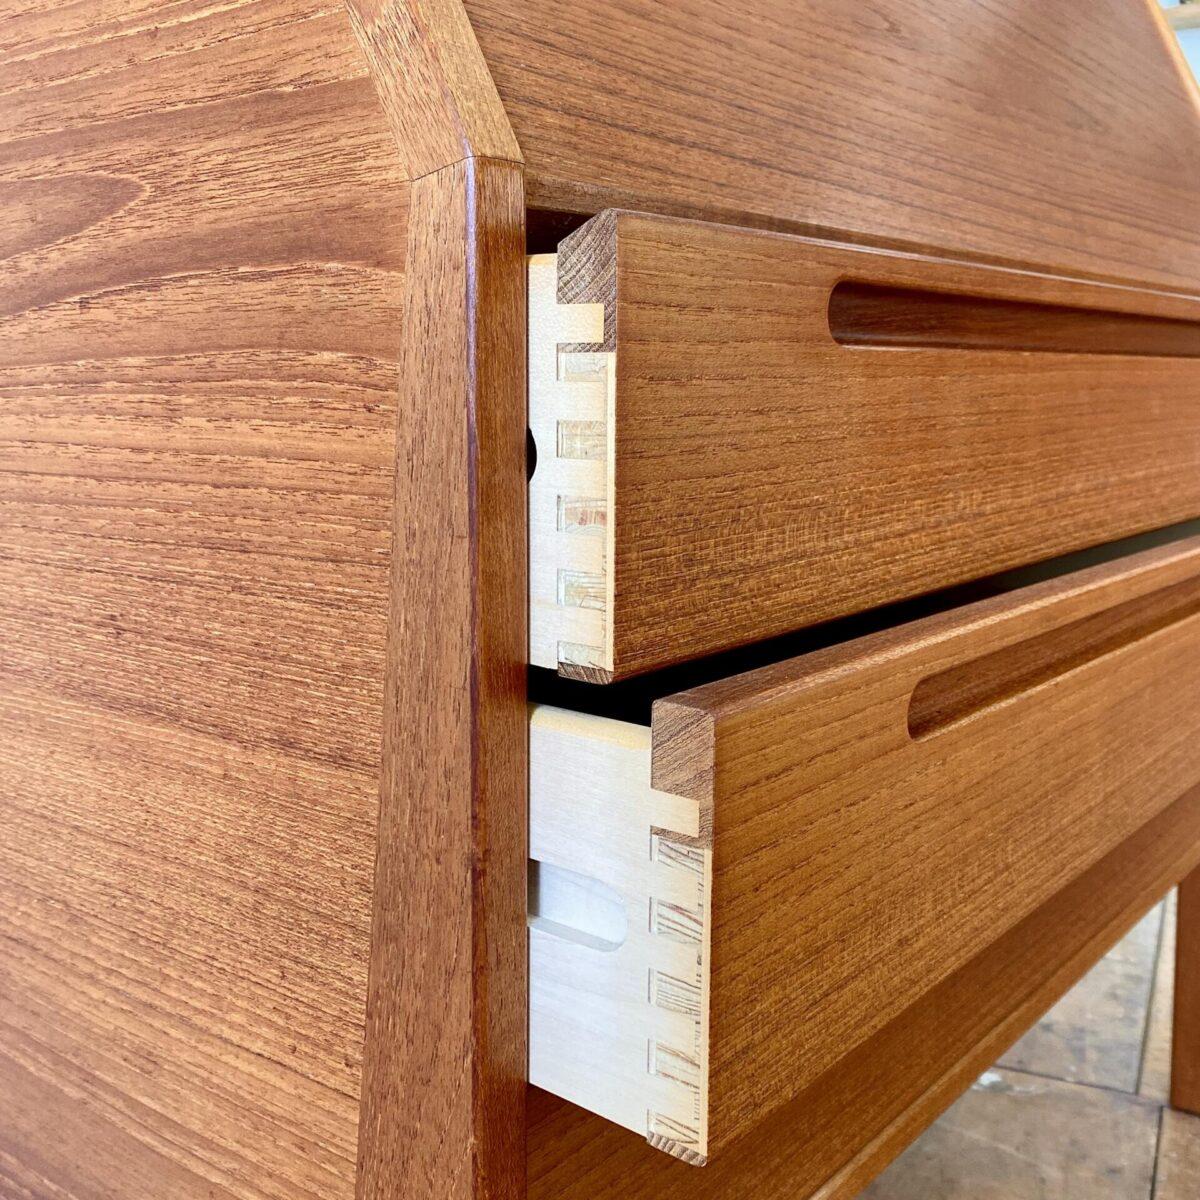 Dänischer Teak Sekretär von Nils Jonsson für HJN Møbler. 90x45cm Höhe 108cm Tischhöhe 68cm. Der Sekretär ist bis ins Detail hochwertig verarbeitet. Mir gefällt besonders der klapp Mechanismus der Tischplatte, welche auch ins Möbel eingeschoben werden kann. Sehr gepflegter Original Zustand aus den 60er Jahren.